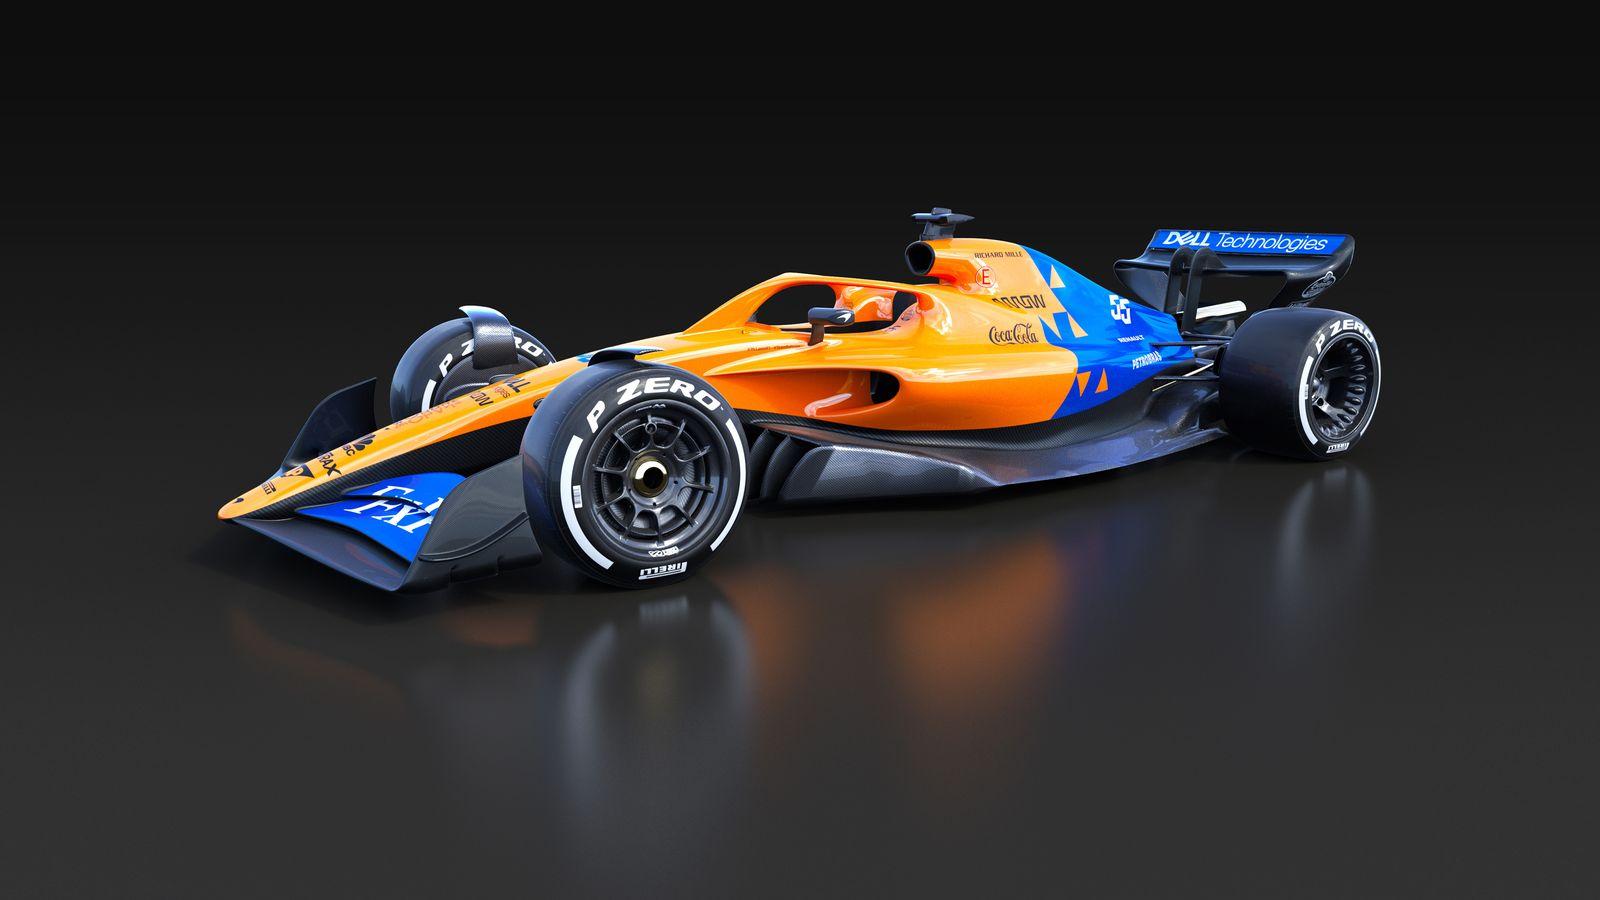 McLaren Racing   A new era of Formula 1 1600x900